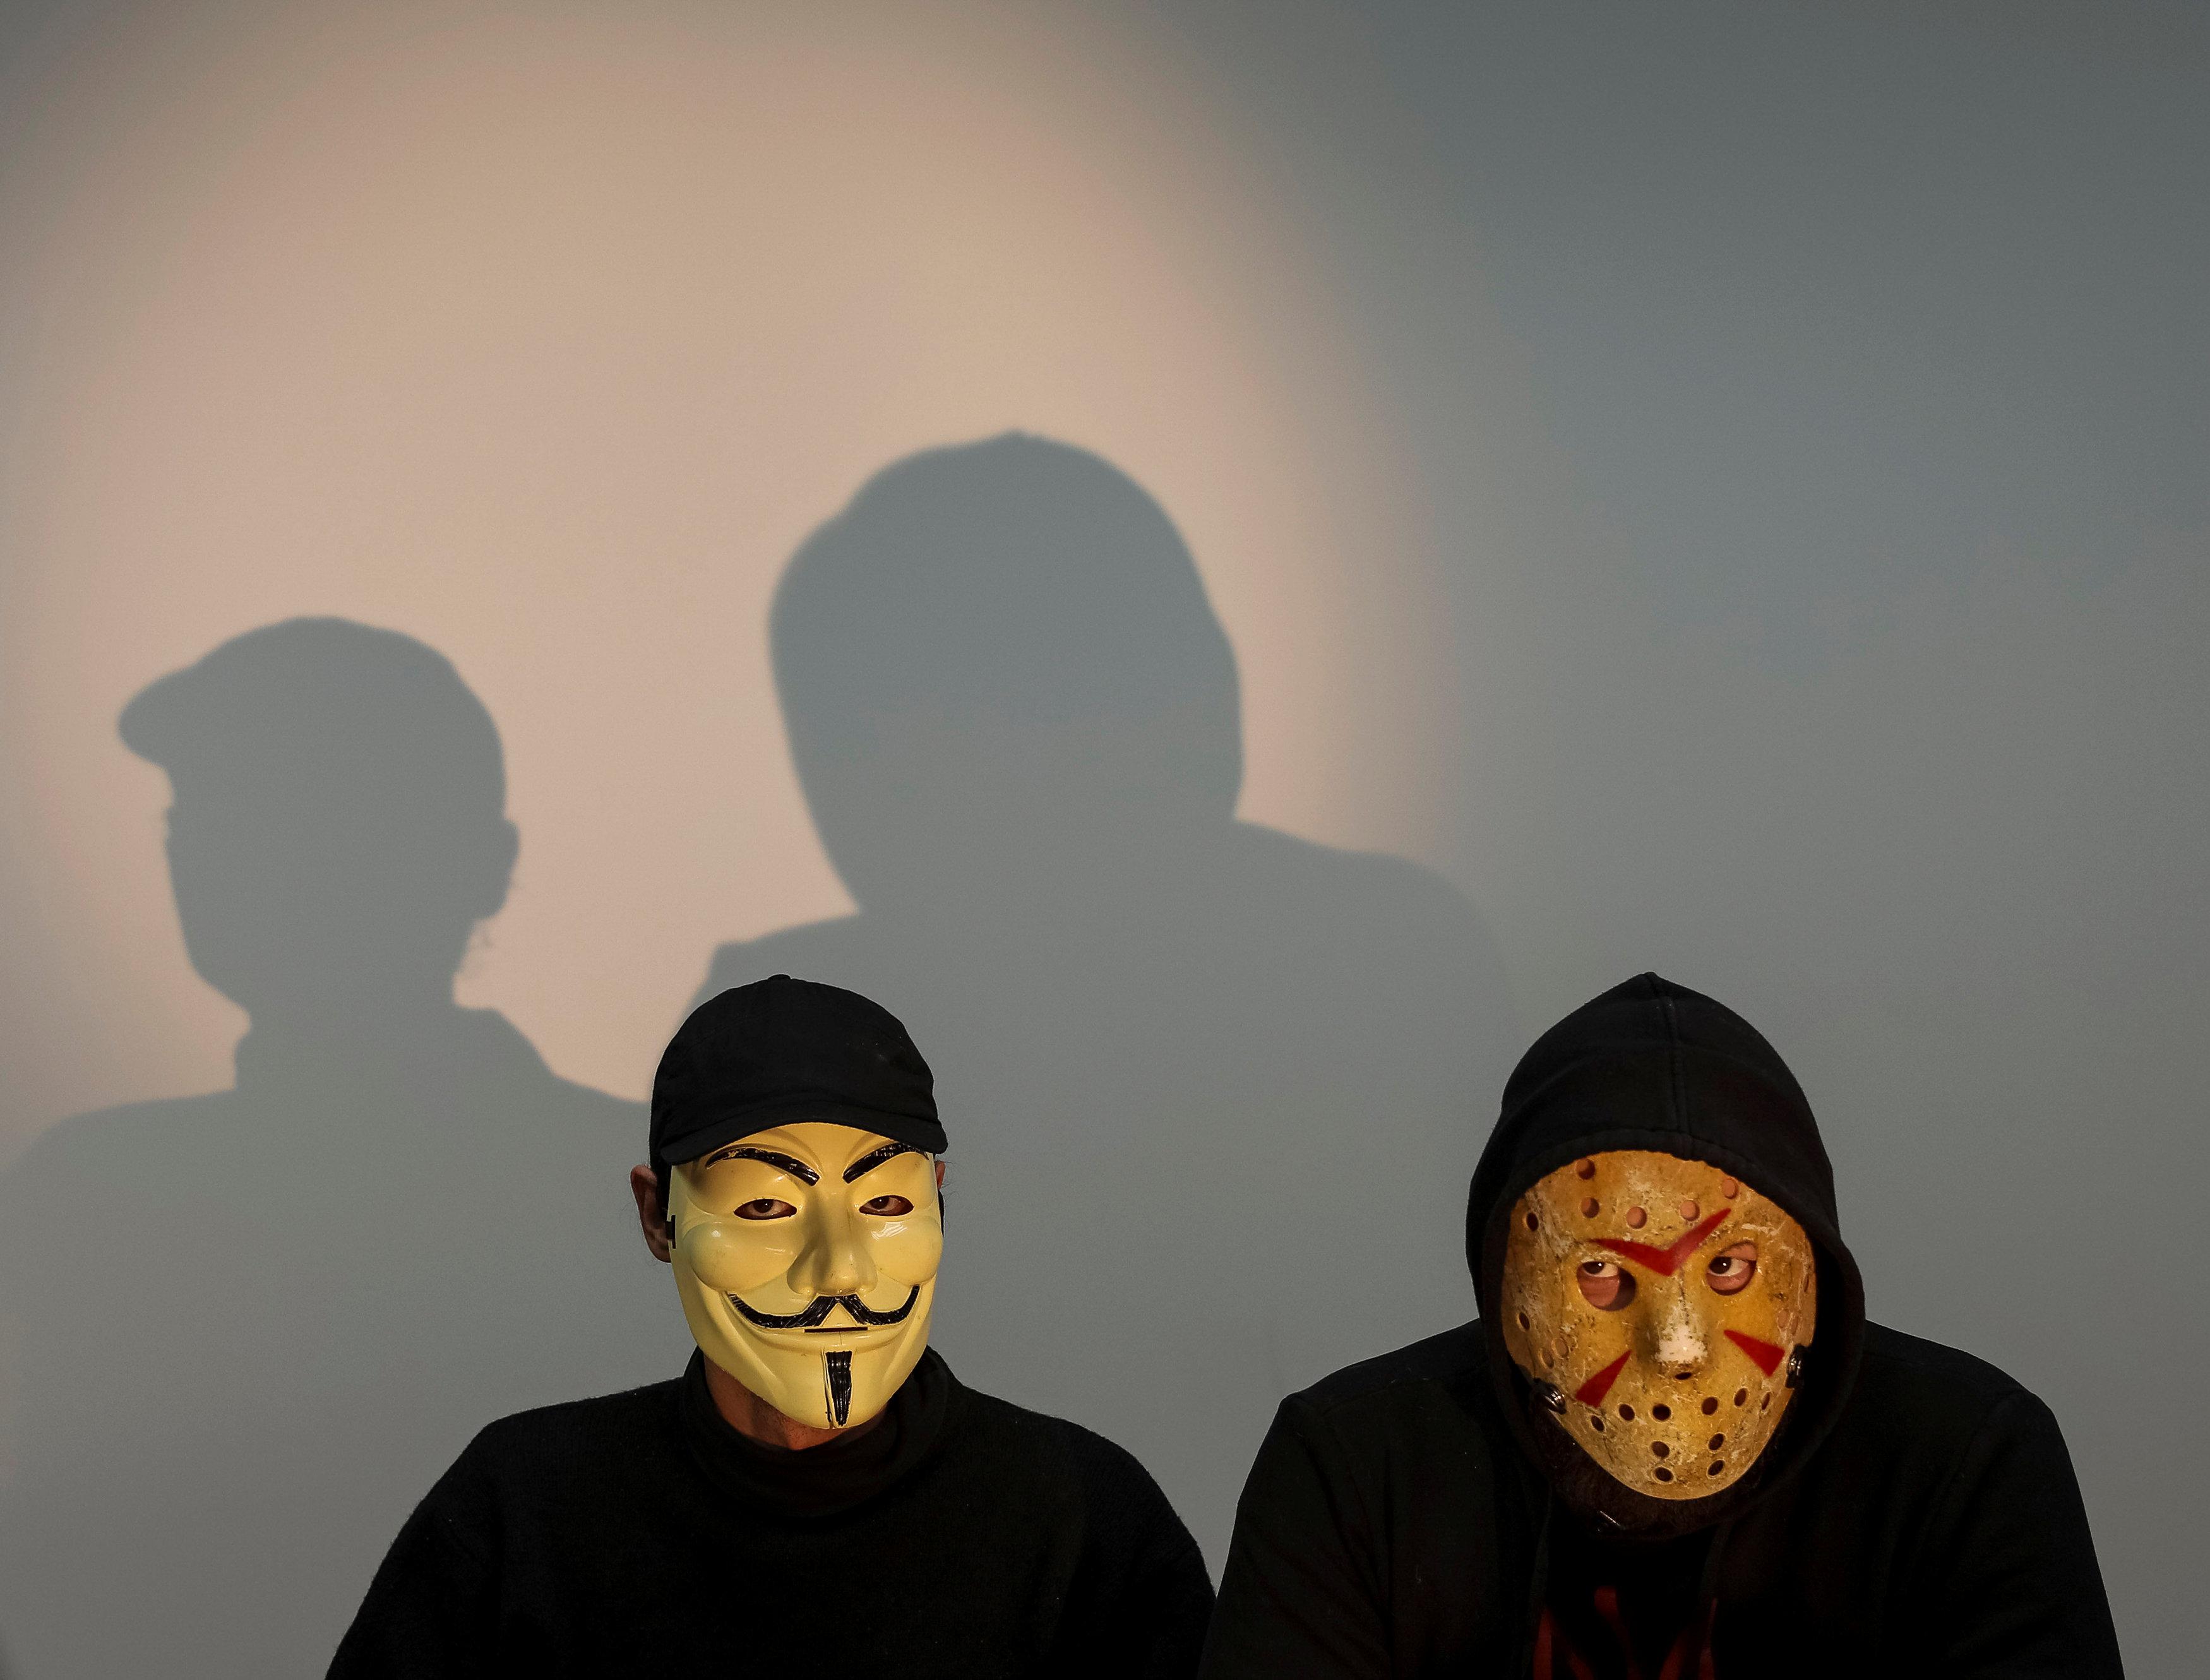 Вгосударстве Украина распространяется новая волна кибератаки